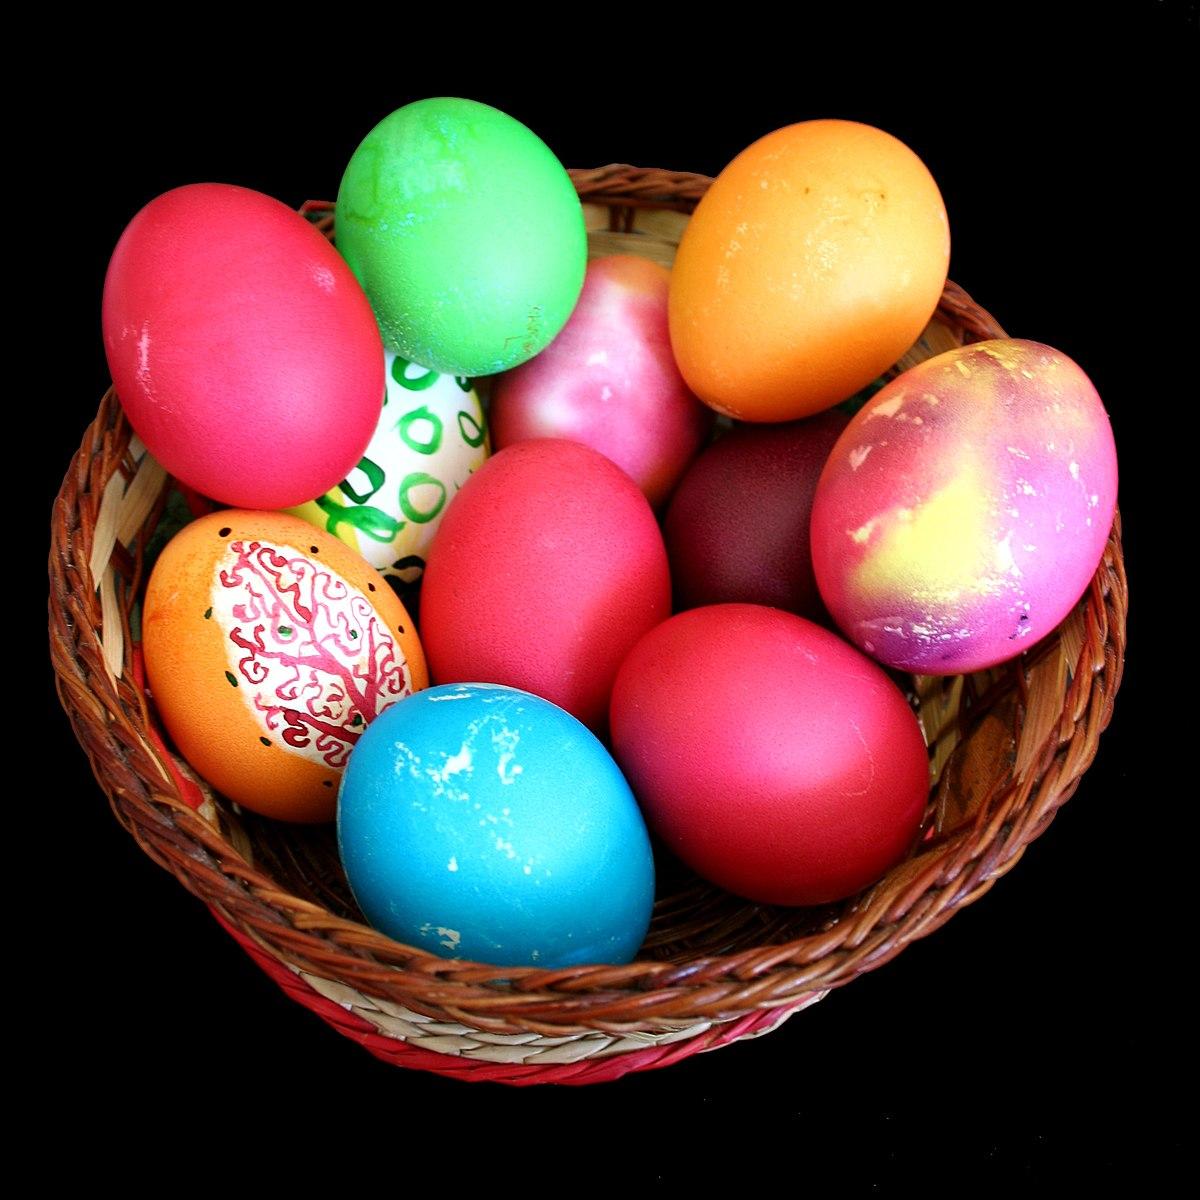 1200px-Bg-easter-eggs-1